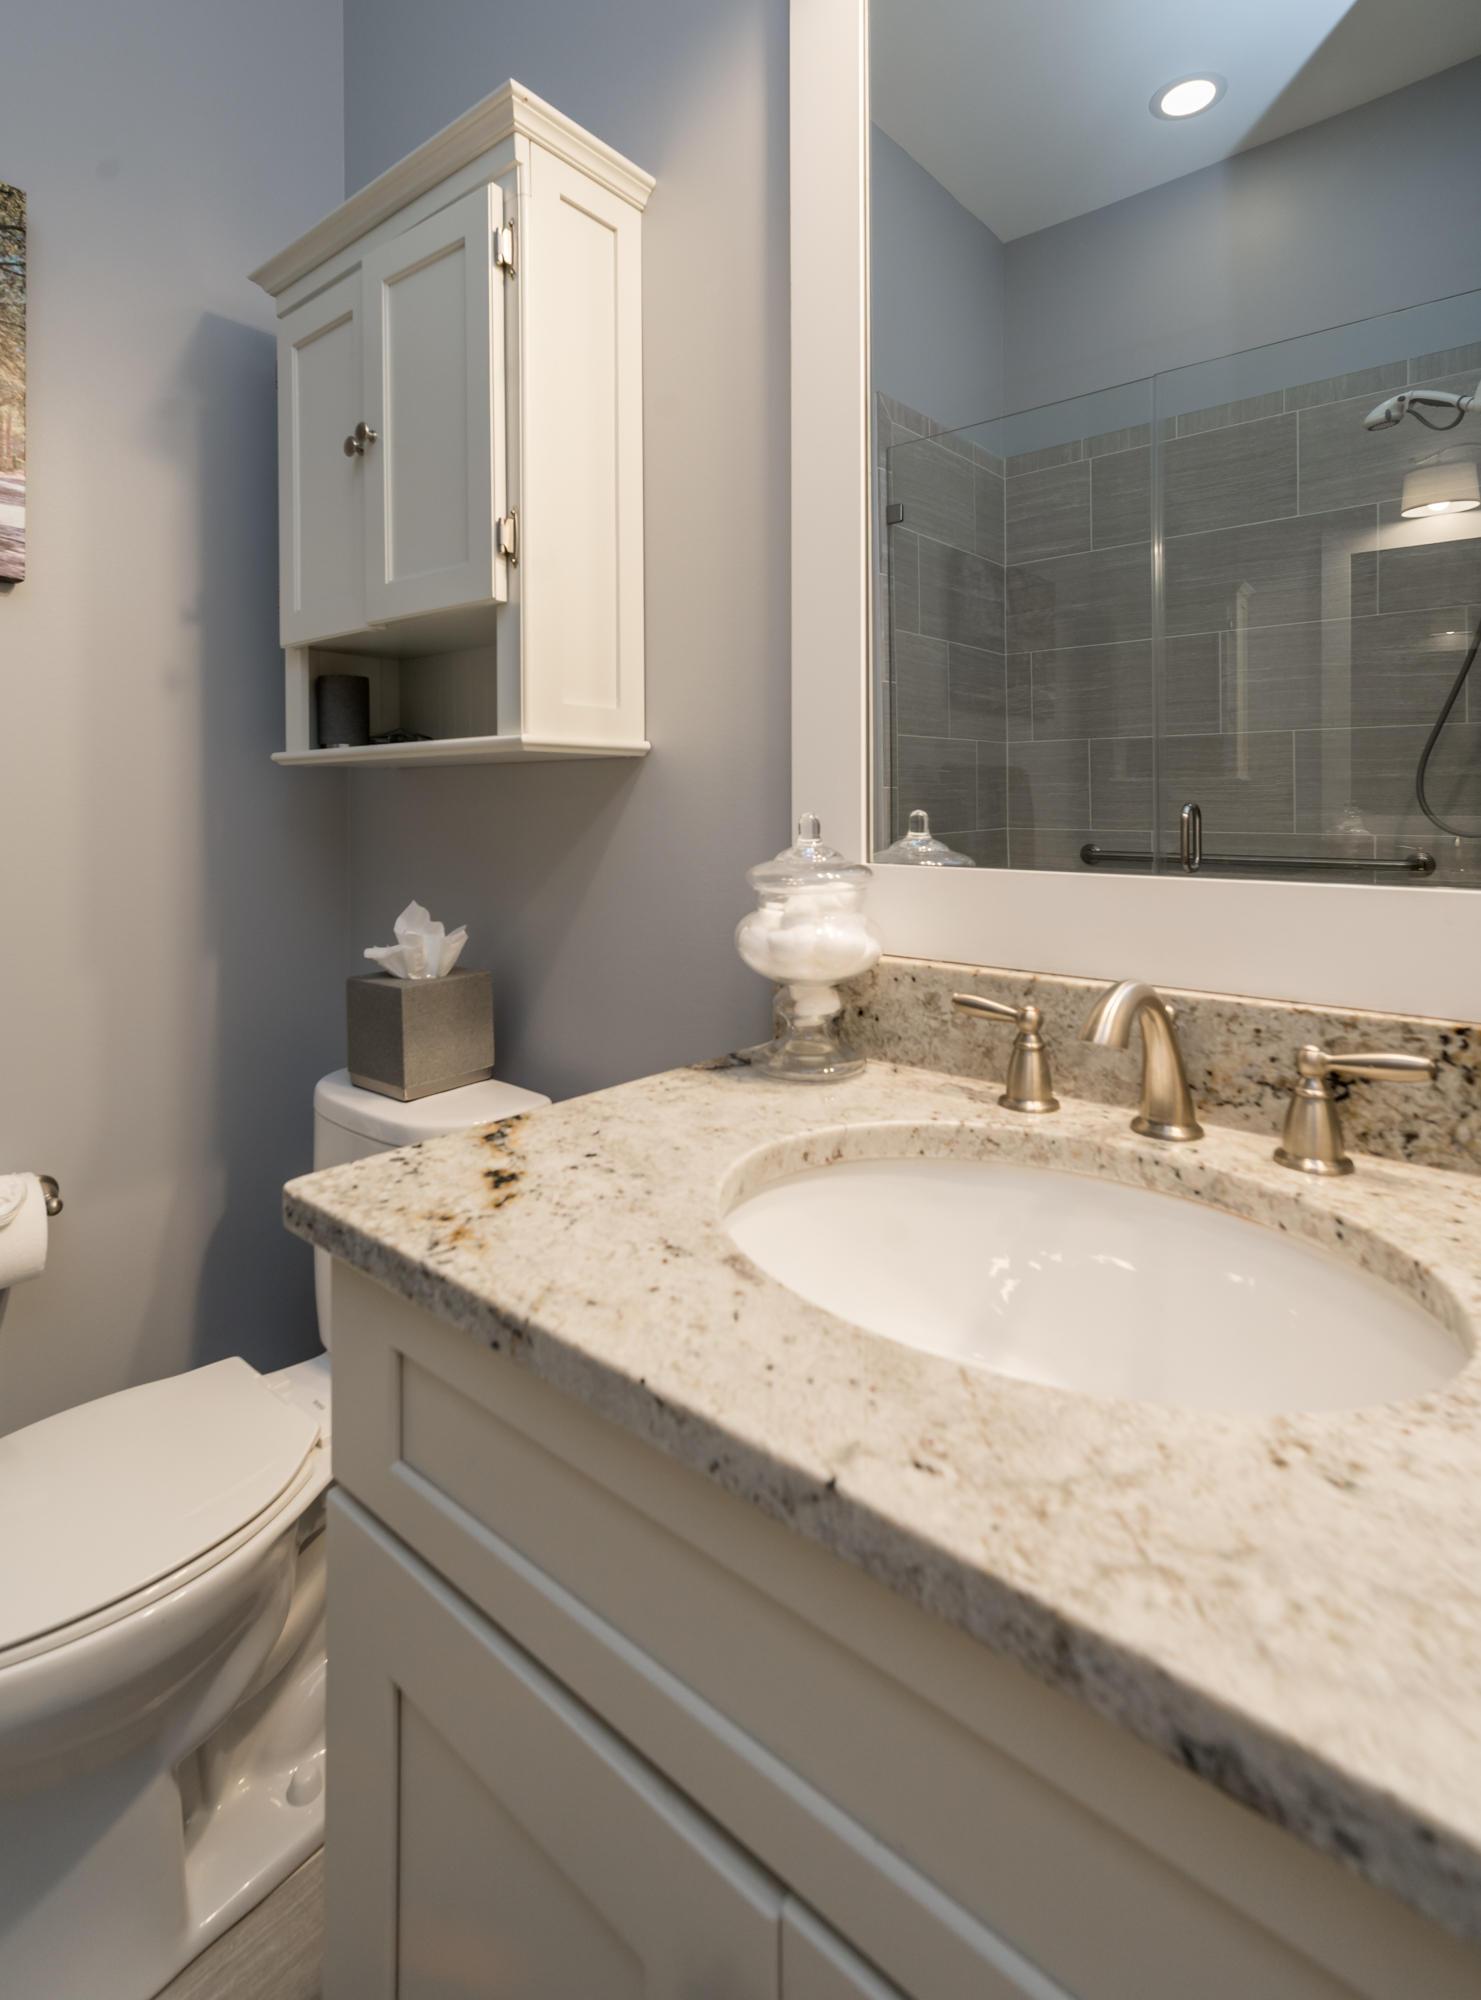 Brookgreen Meadows Homes For Sale - 88 Vincent, Mount Pleasant, SC - 20